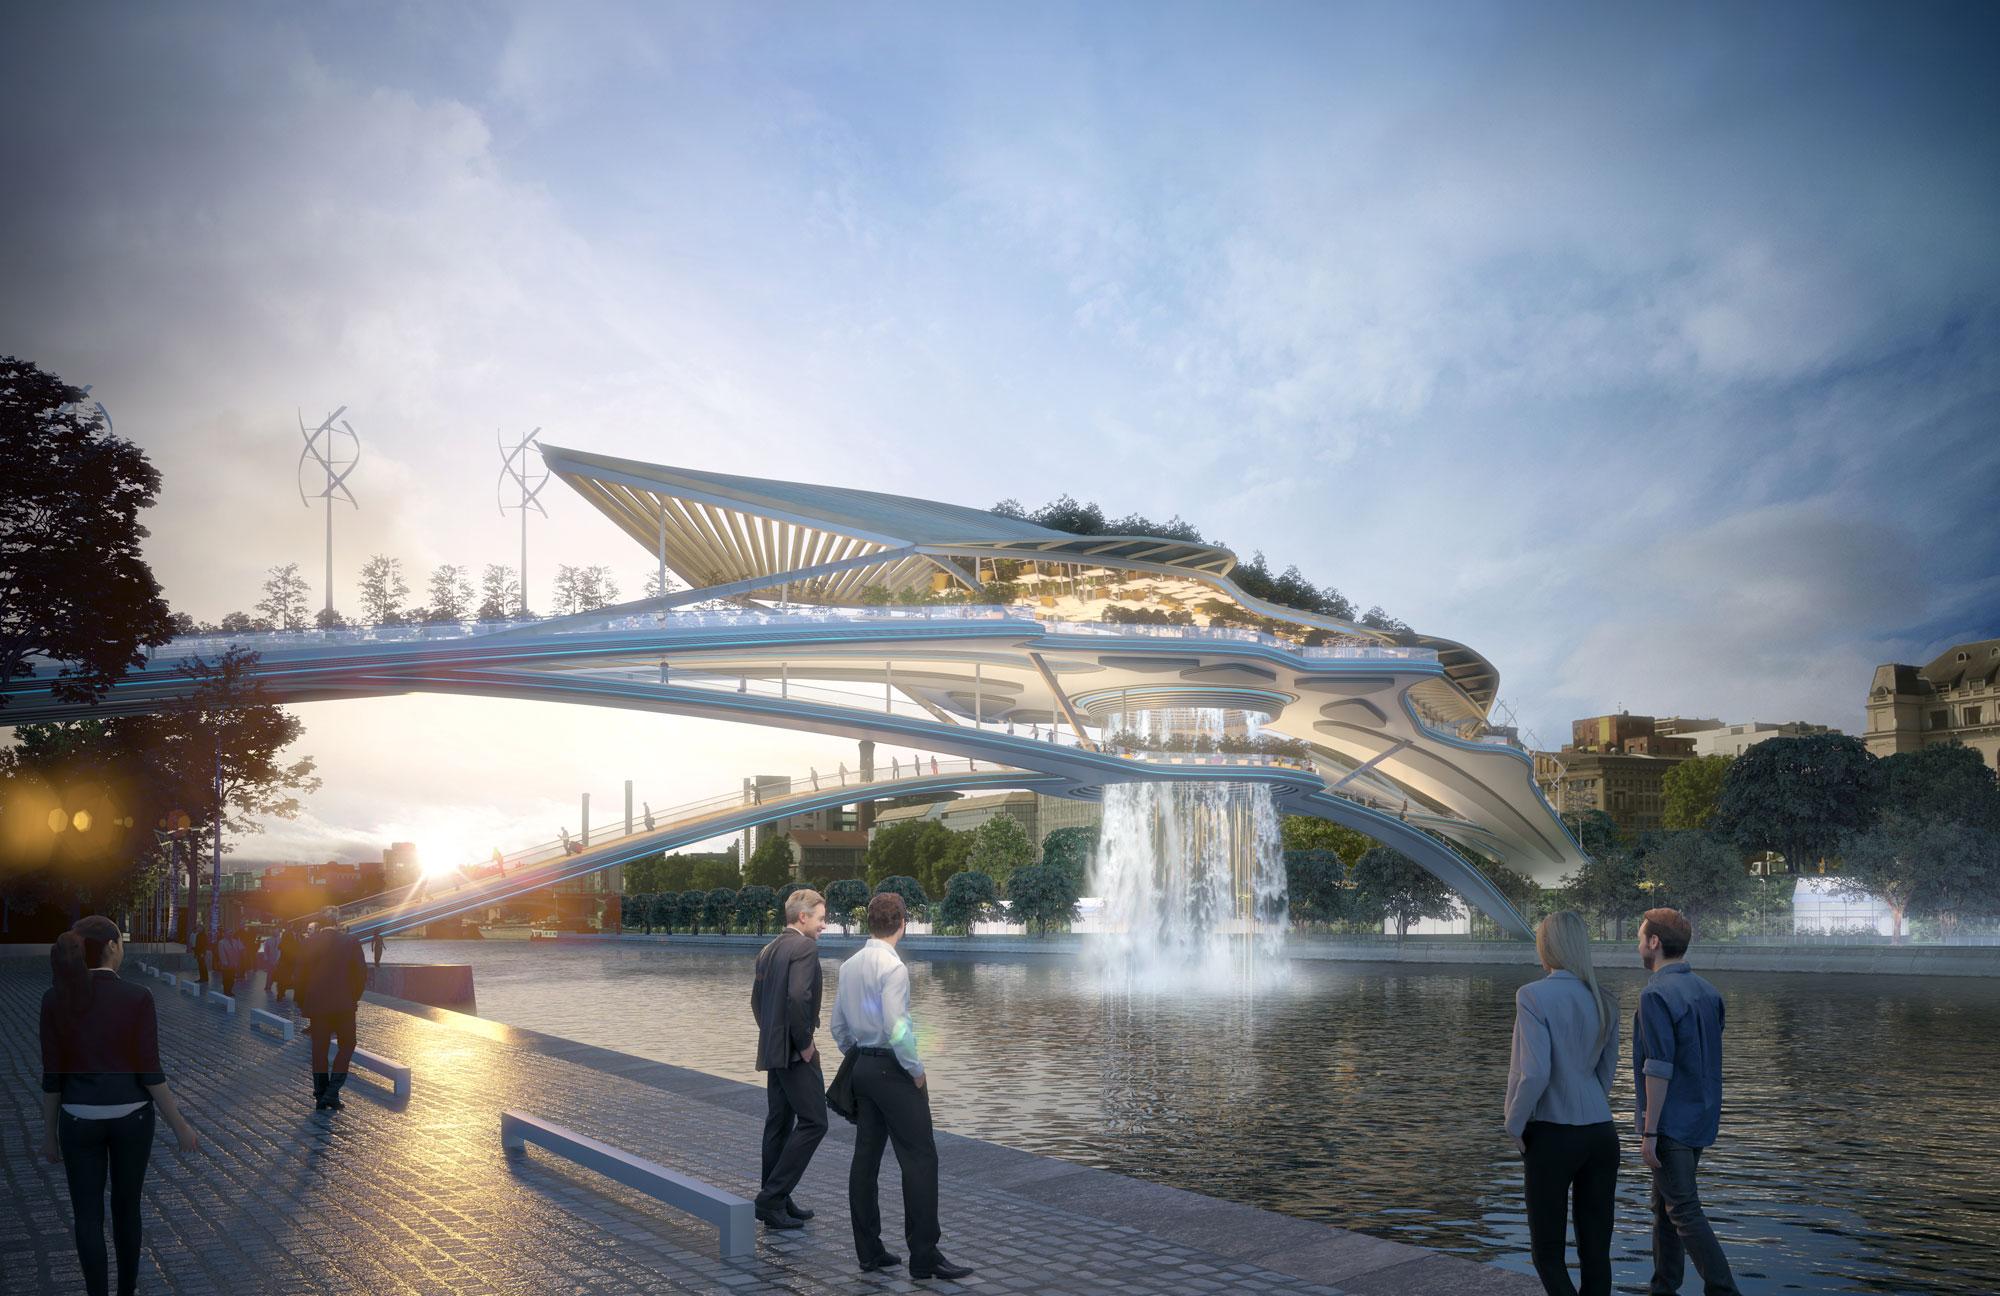 В Париже на Сене построят «Вавилонский мост» с водопадом.